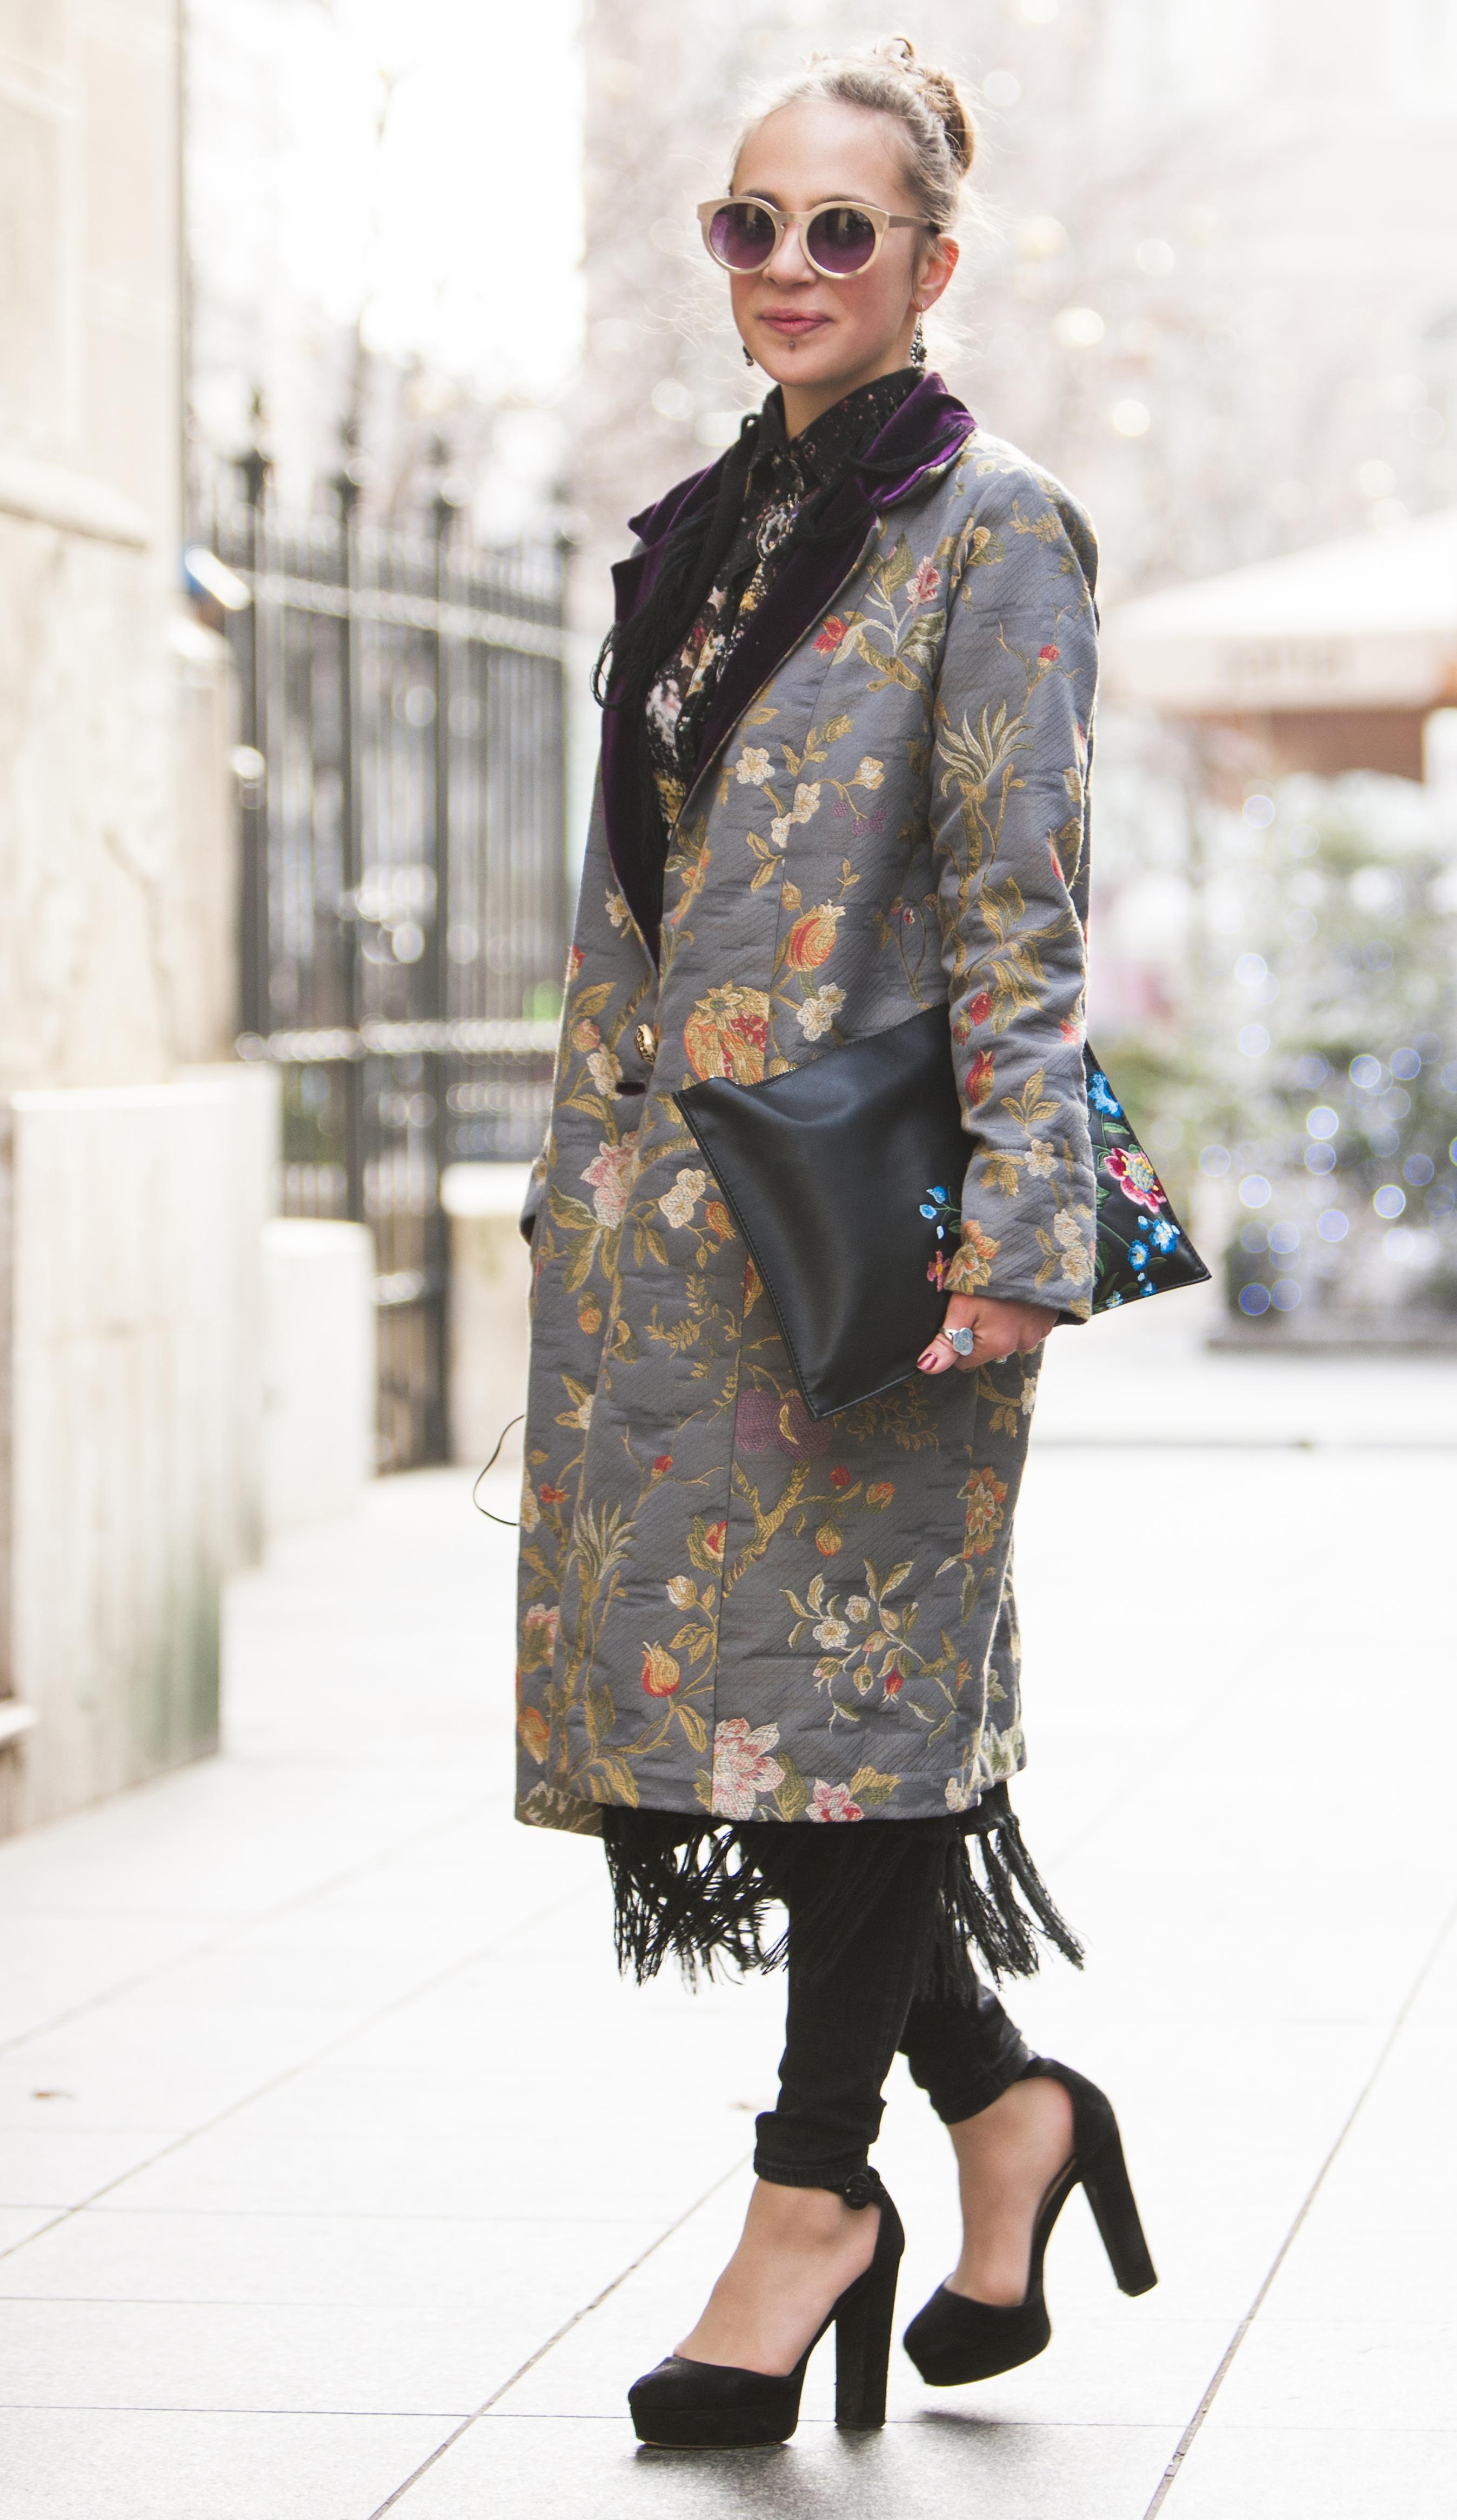 Ljepotica sa špice: Jedan neobičan kaput i dvije savršene kombinacije